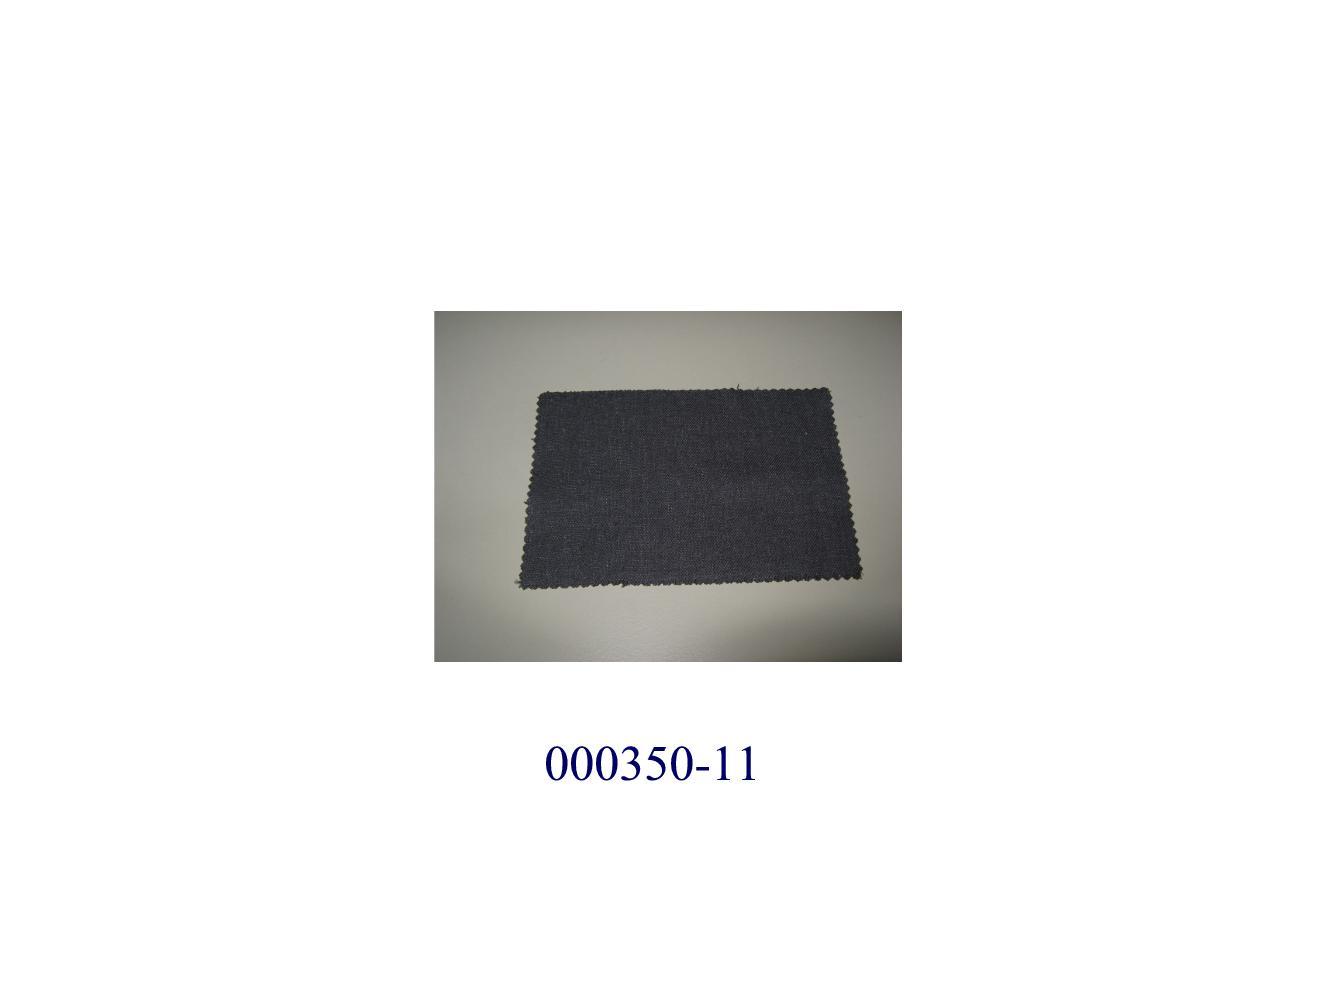 Vải vân chéo 3 sợi hoặc vân chéo 4 sợi, kể cả vải vân chéo dấu nhân